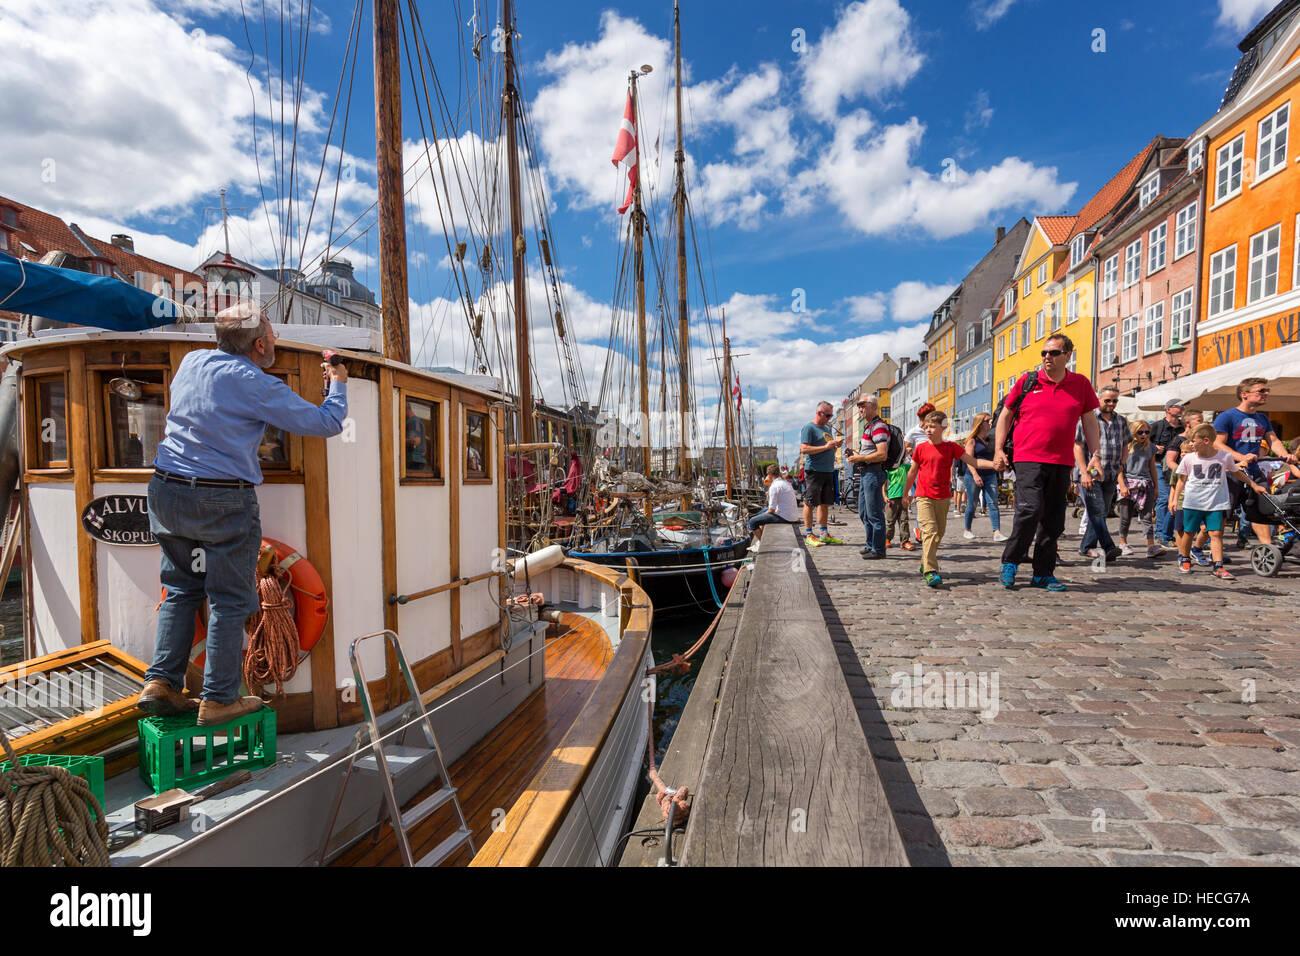 Un hombre pintando sus embarcaciones a lo largo de canal de Nyhavn, Copenhague, Dinamarca Foto de stock